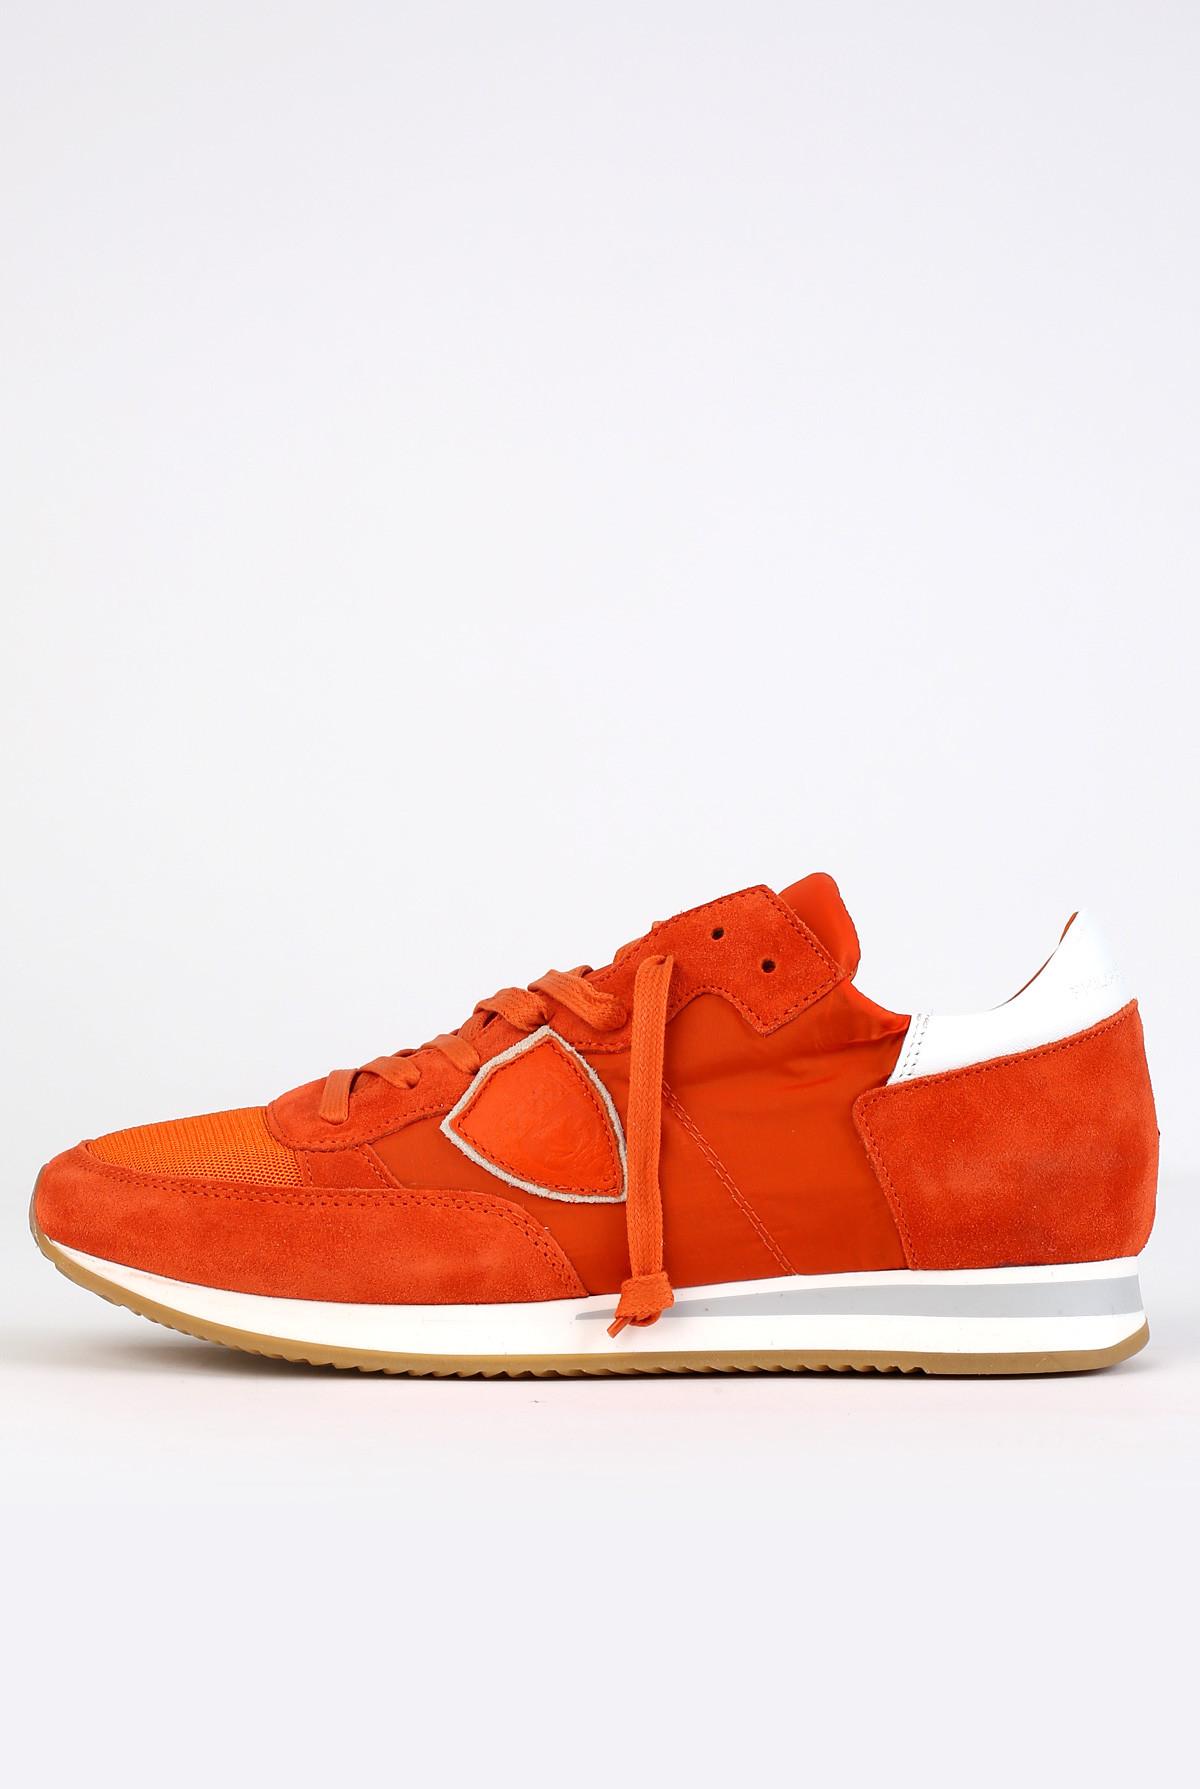 Baskets Tropez Orange, Modèle Philippe